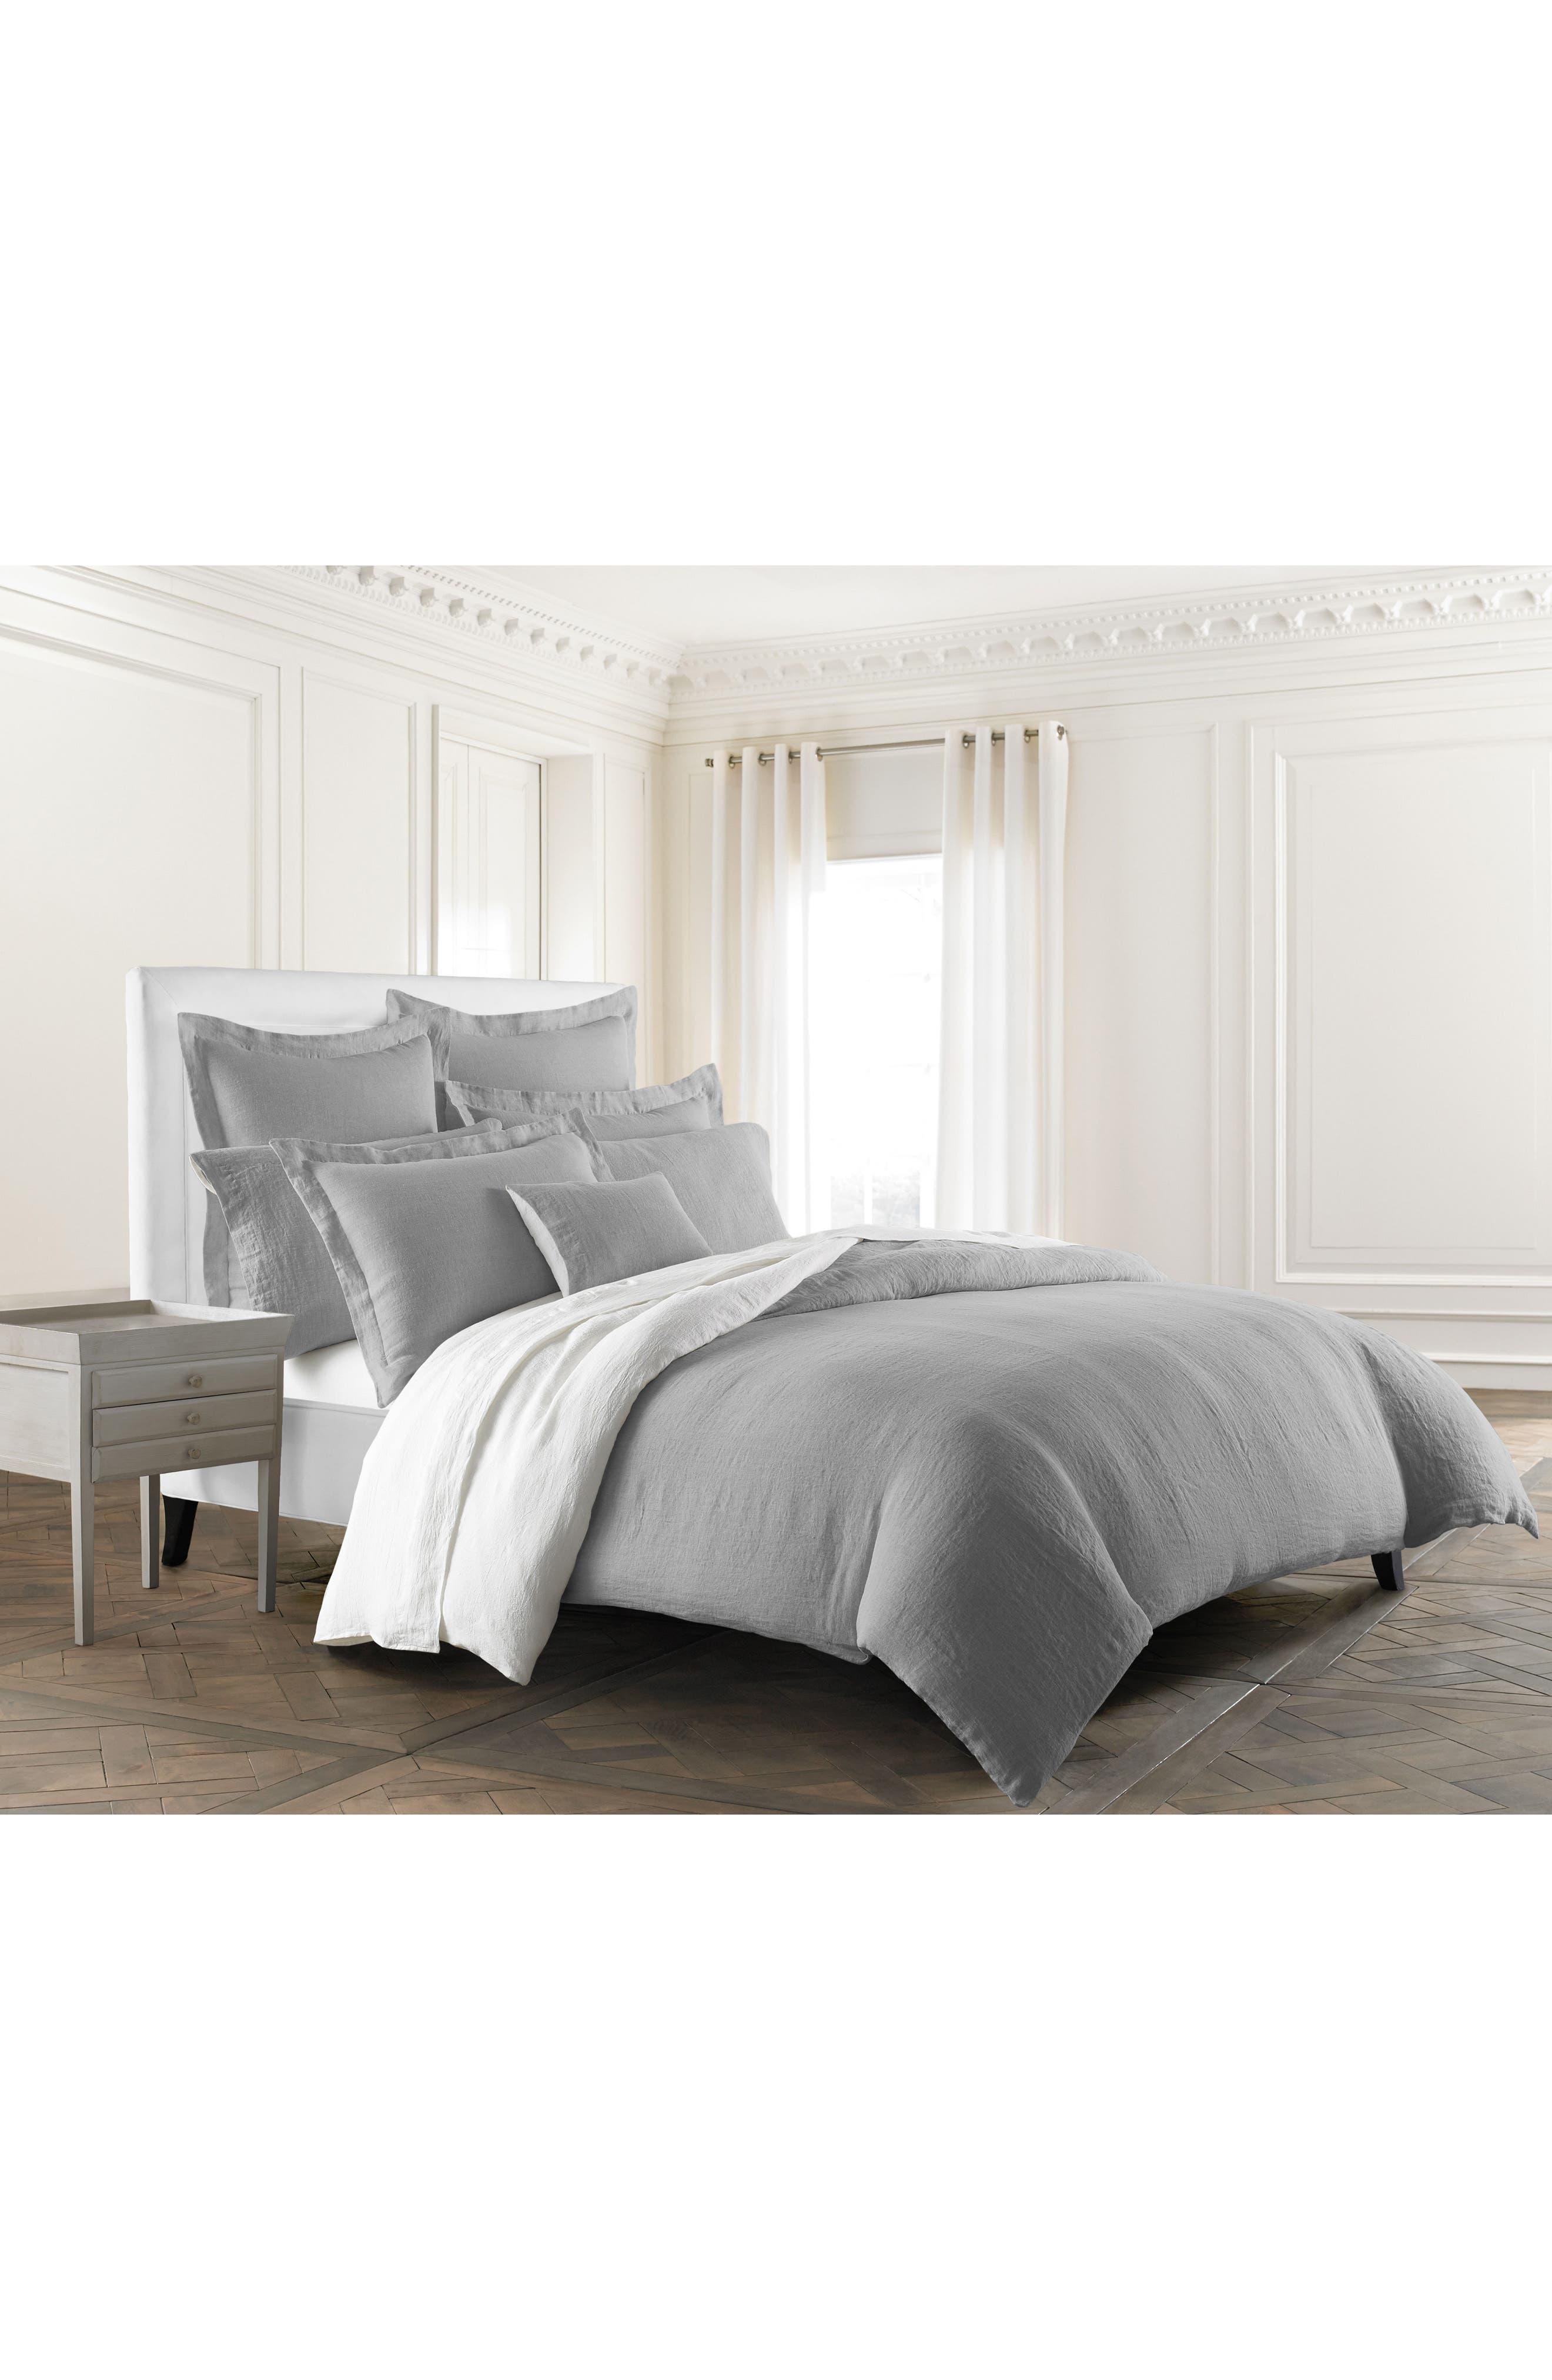 Alternate Image 1 Selected - KASSATEX Lino Linen Duvet Cover